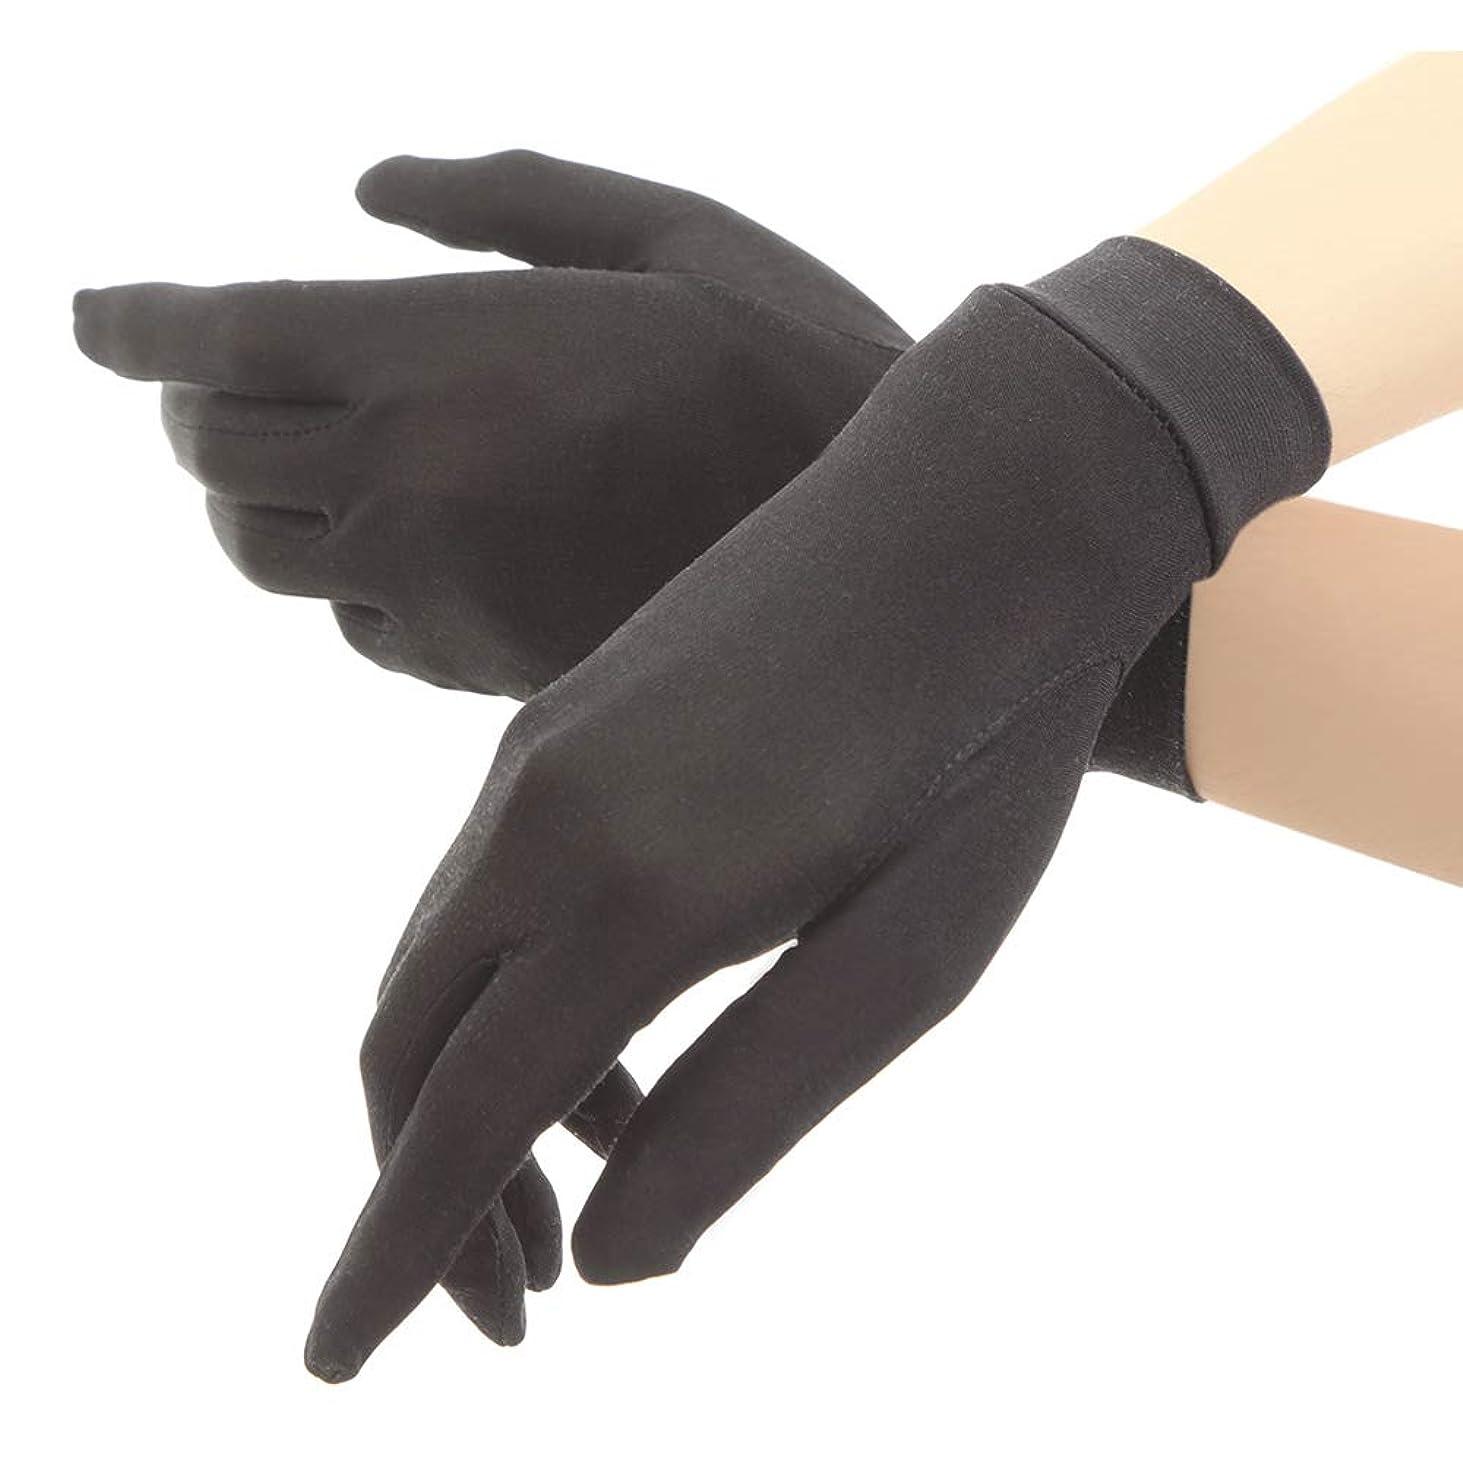 シンボルフルーティー講師シルク手袋 レディース 手袋 シルク 絹 ハンド ケア 保湿 紫外線 肌荒れ 乾燥 サイズアップで手指にマッチ 【macch】